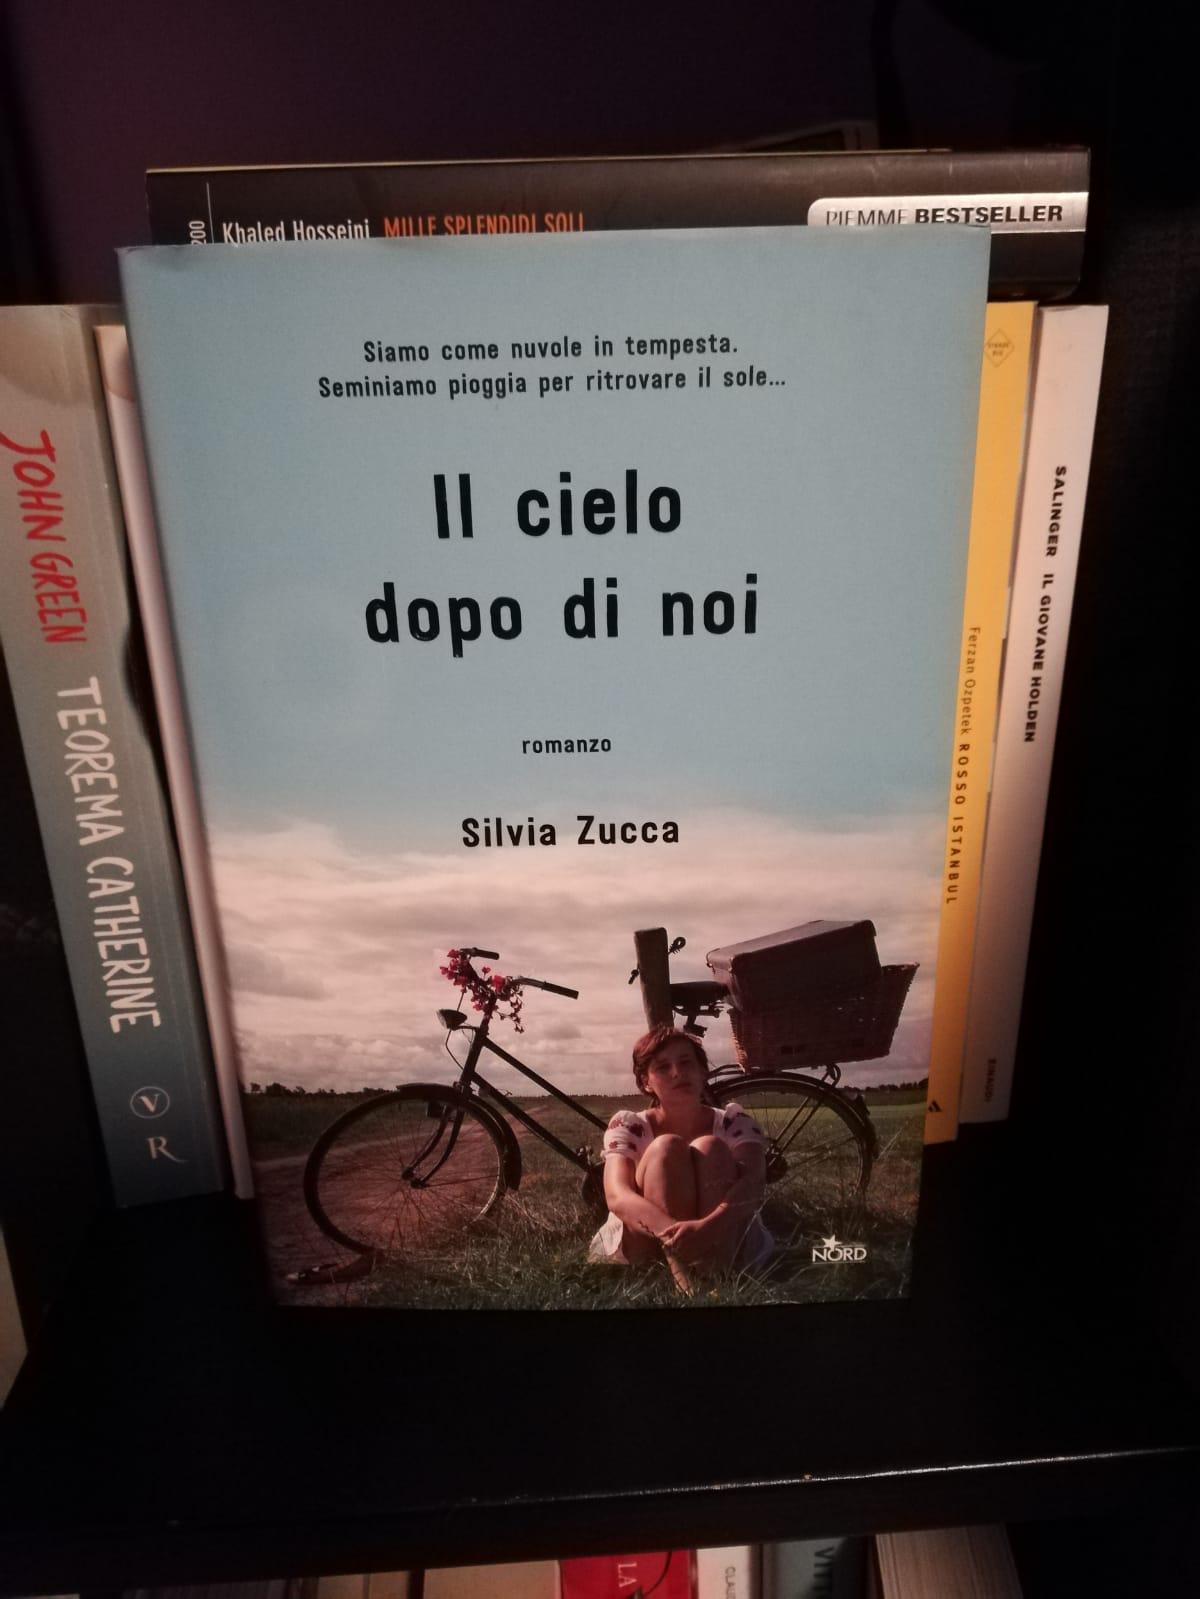 Il cielo dopo di noi Silvia Zucca